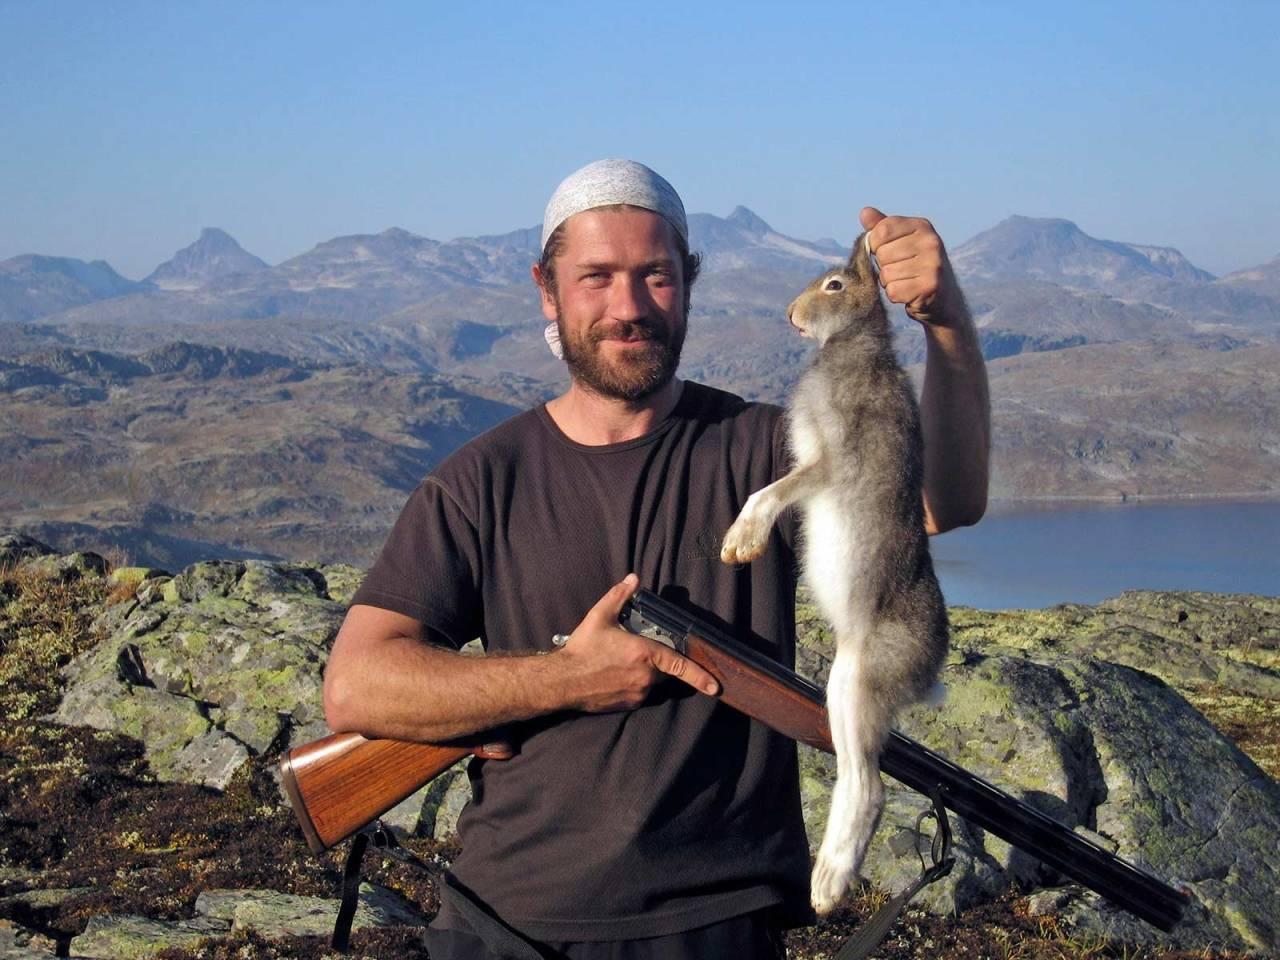 Harejakt, Åsgeir Størdal,